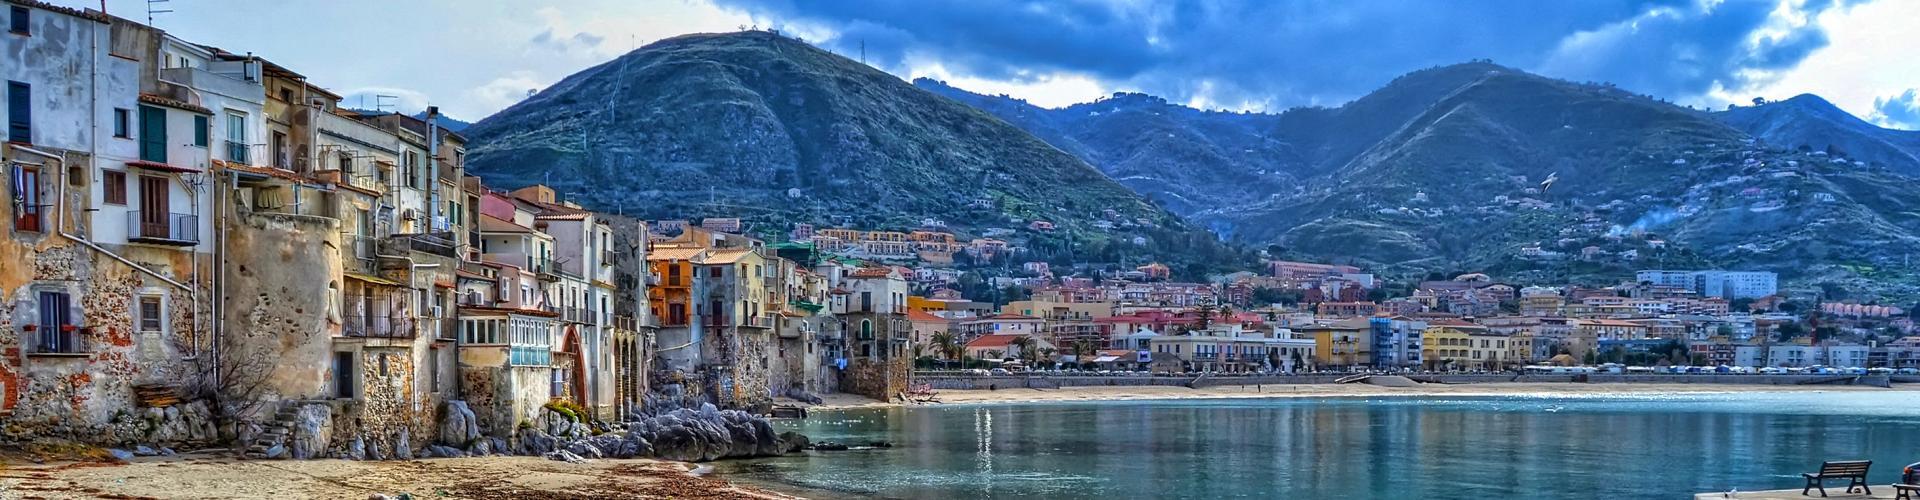 Dr. Tigges Studienreisen Italien